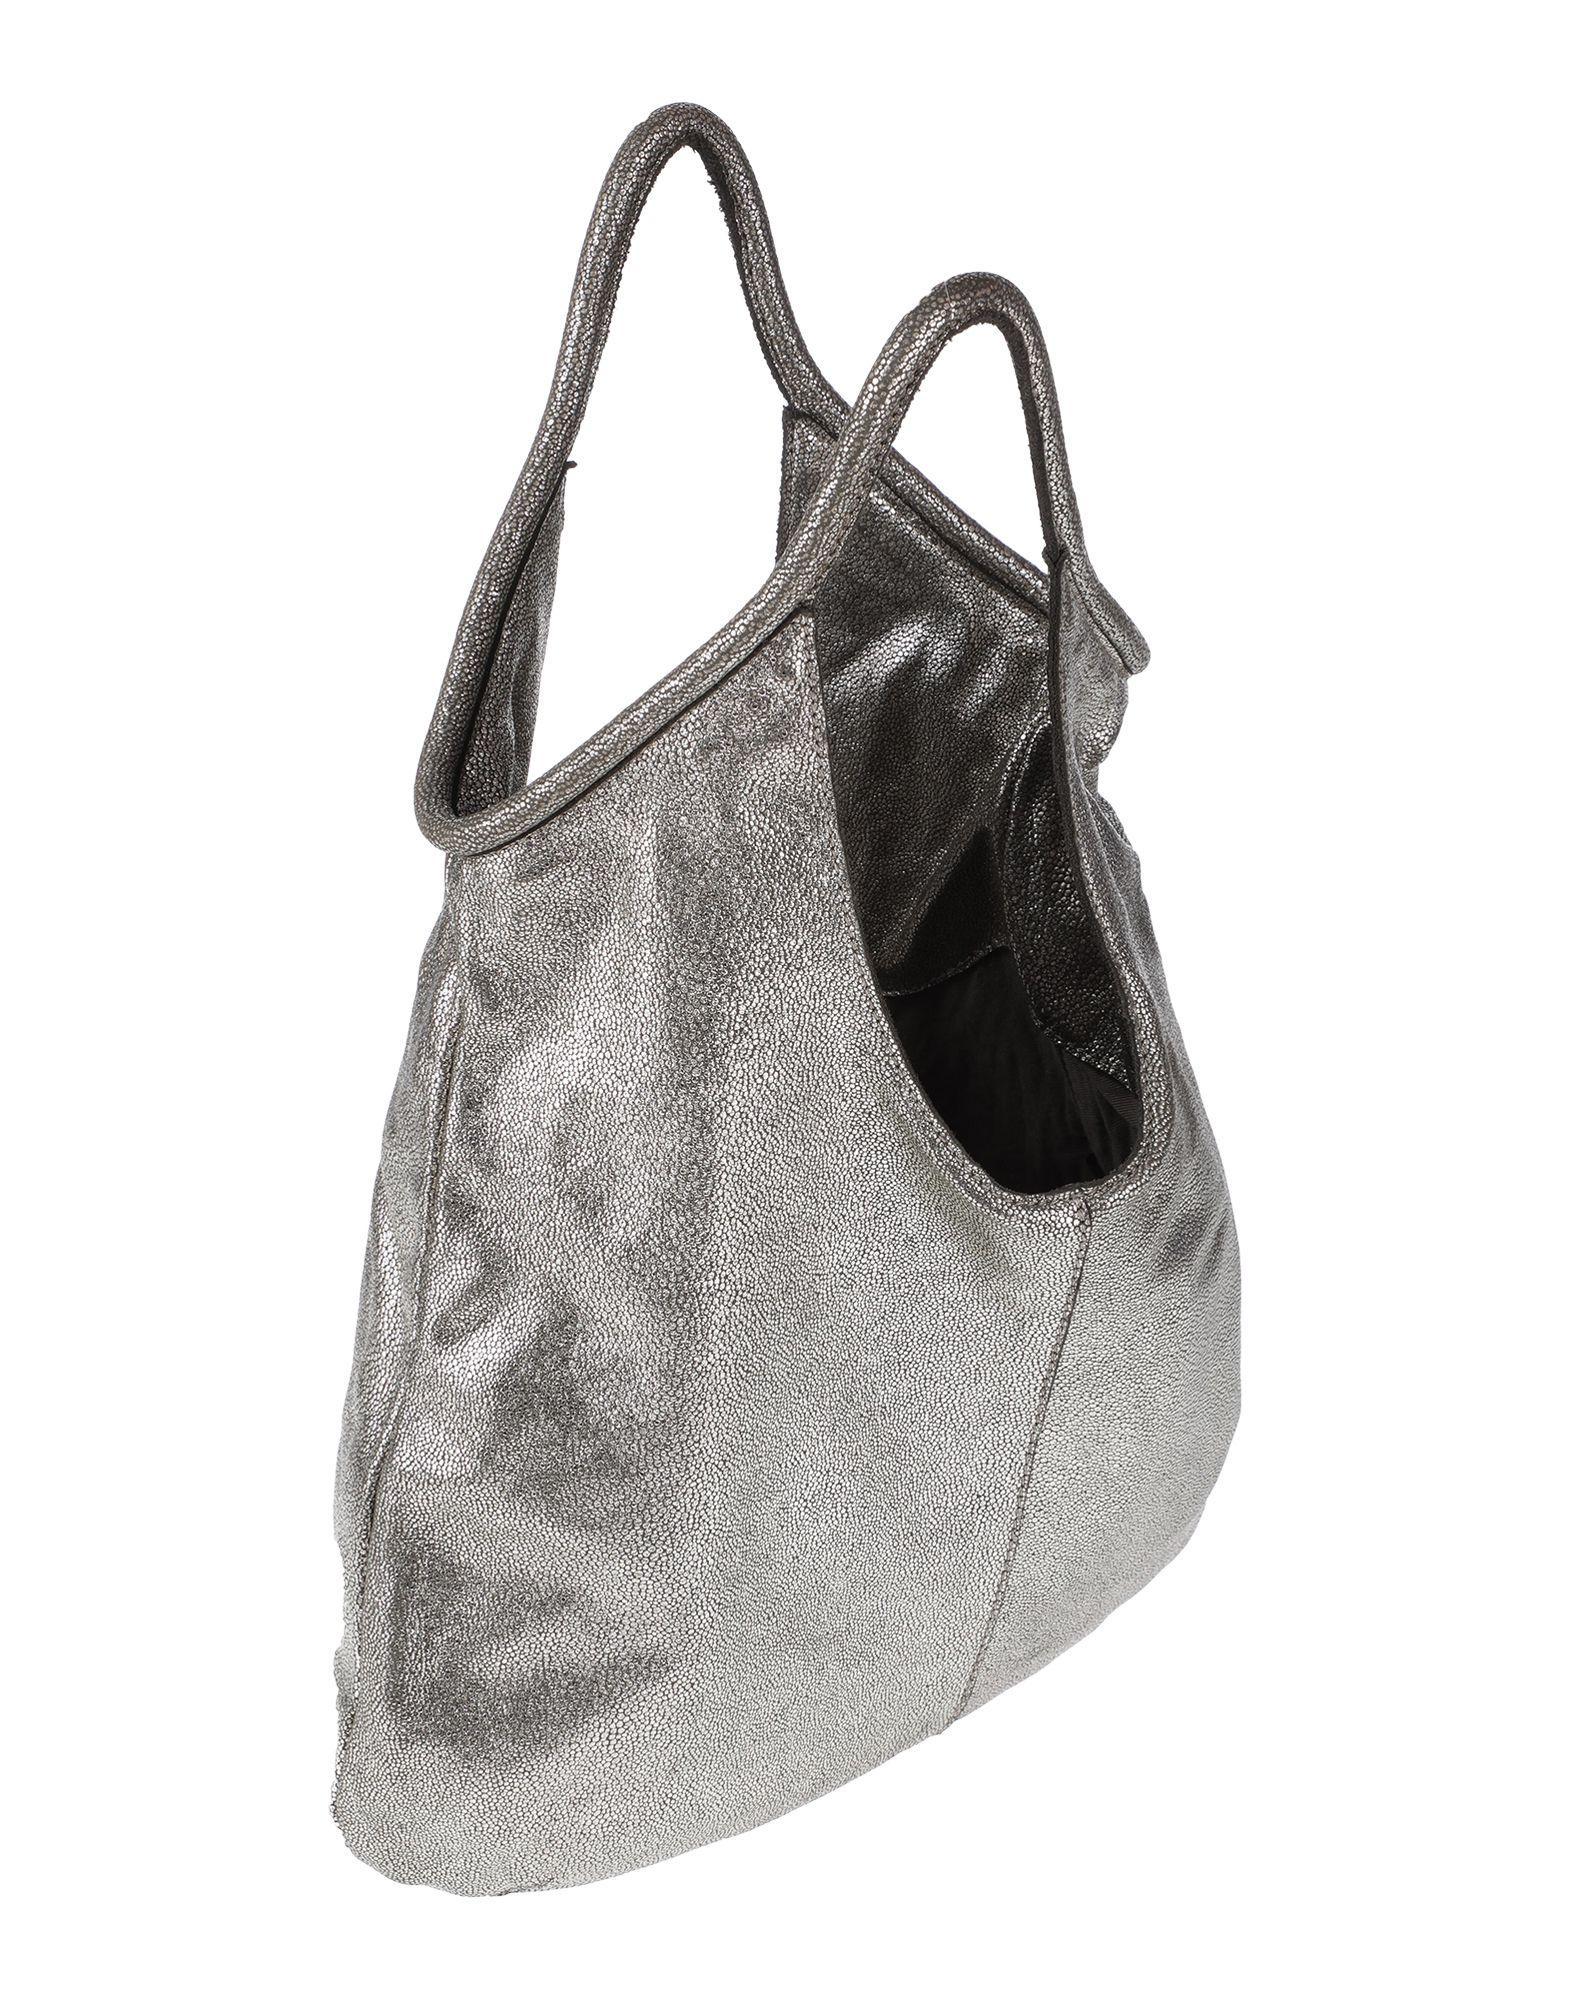 Caterina Lucchi Leder Handtaschen in Grau 1wVrN